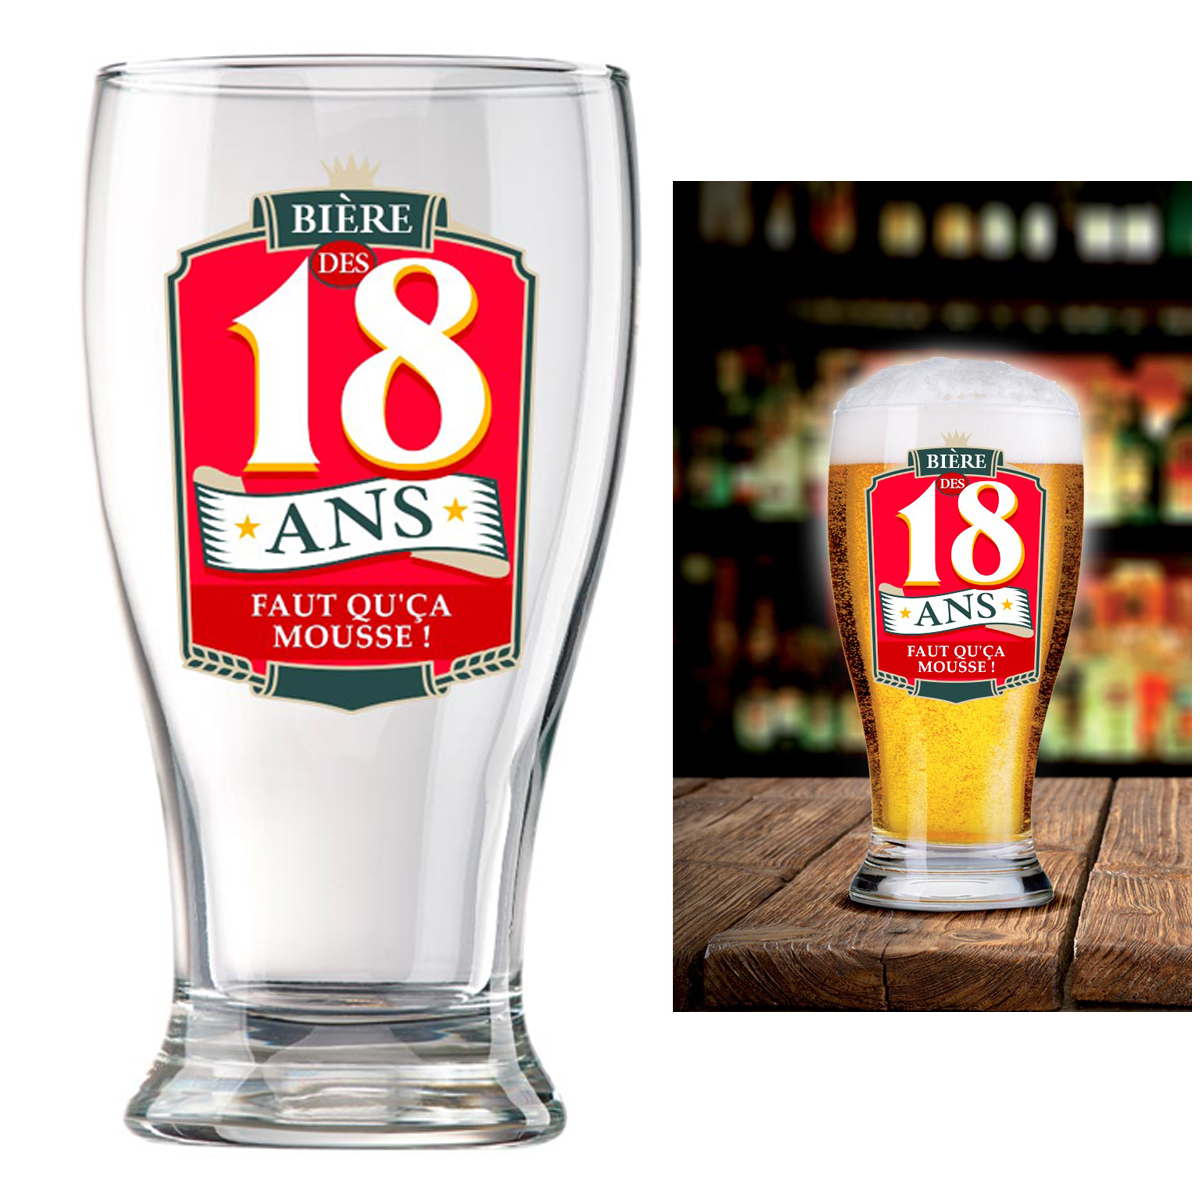 Verre à bière \'18 ans\' (Faut qu\'ça mousse !)  - 16x8 cm - [P8541]